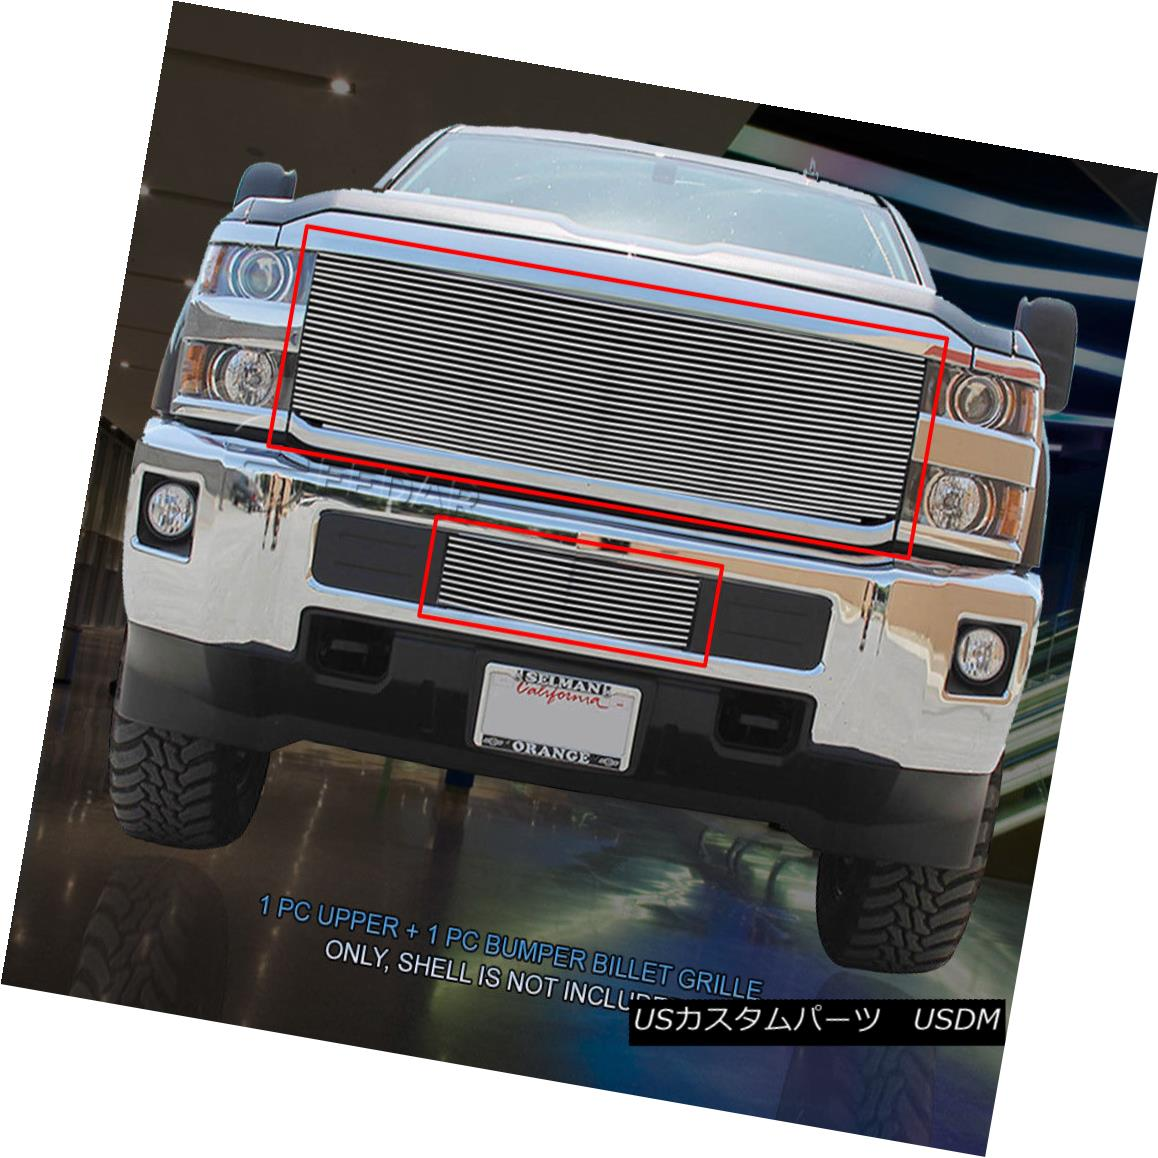 グリル Fits 2015-2016 Chevy Silverado 2500HD/3500HD Billet Grille Combo Insert Fedar フィット2015-2016シボレーシルバラード2500HD / 3500HDビレットグリルコンボインサートFedar